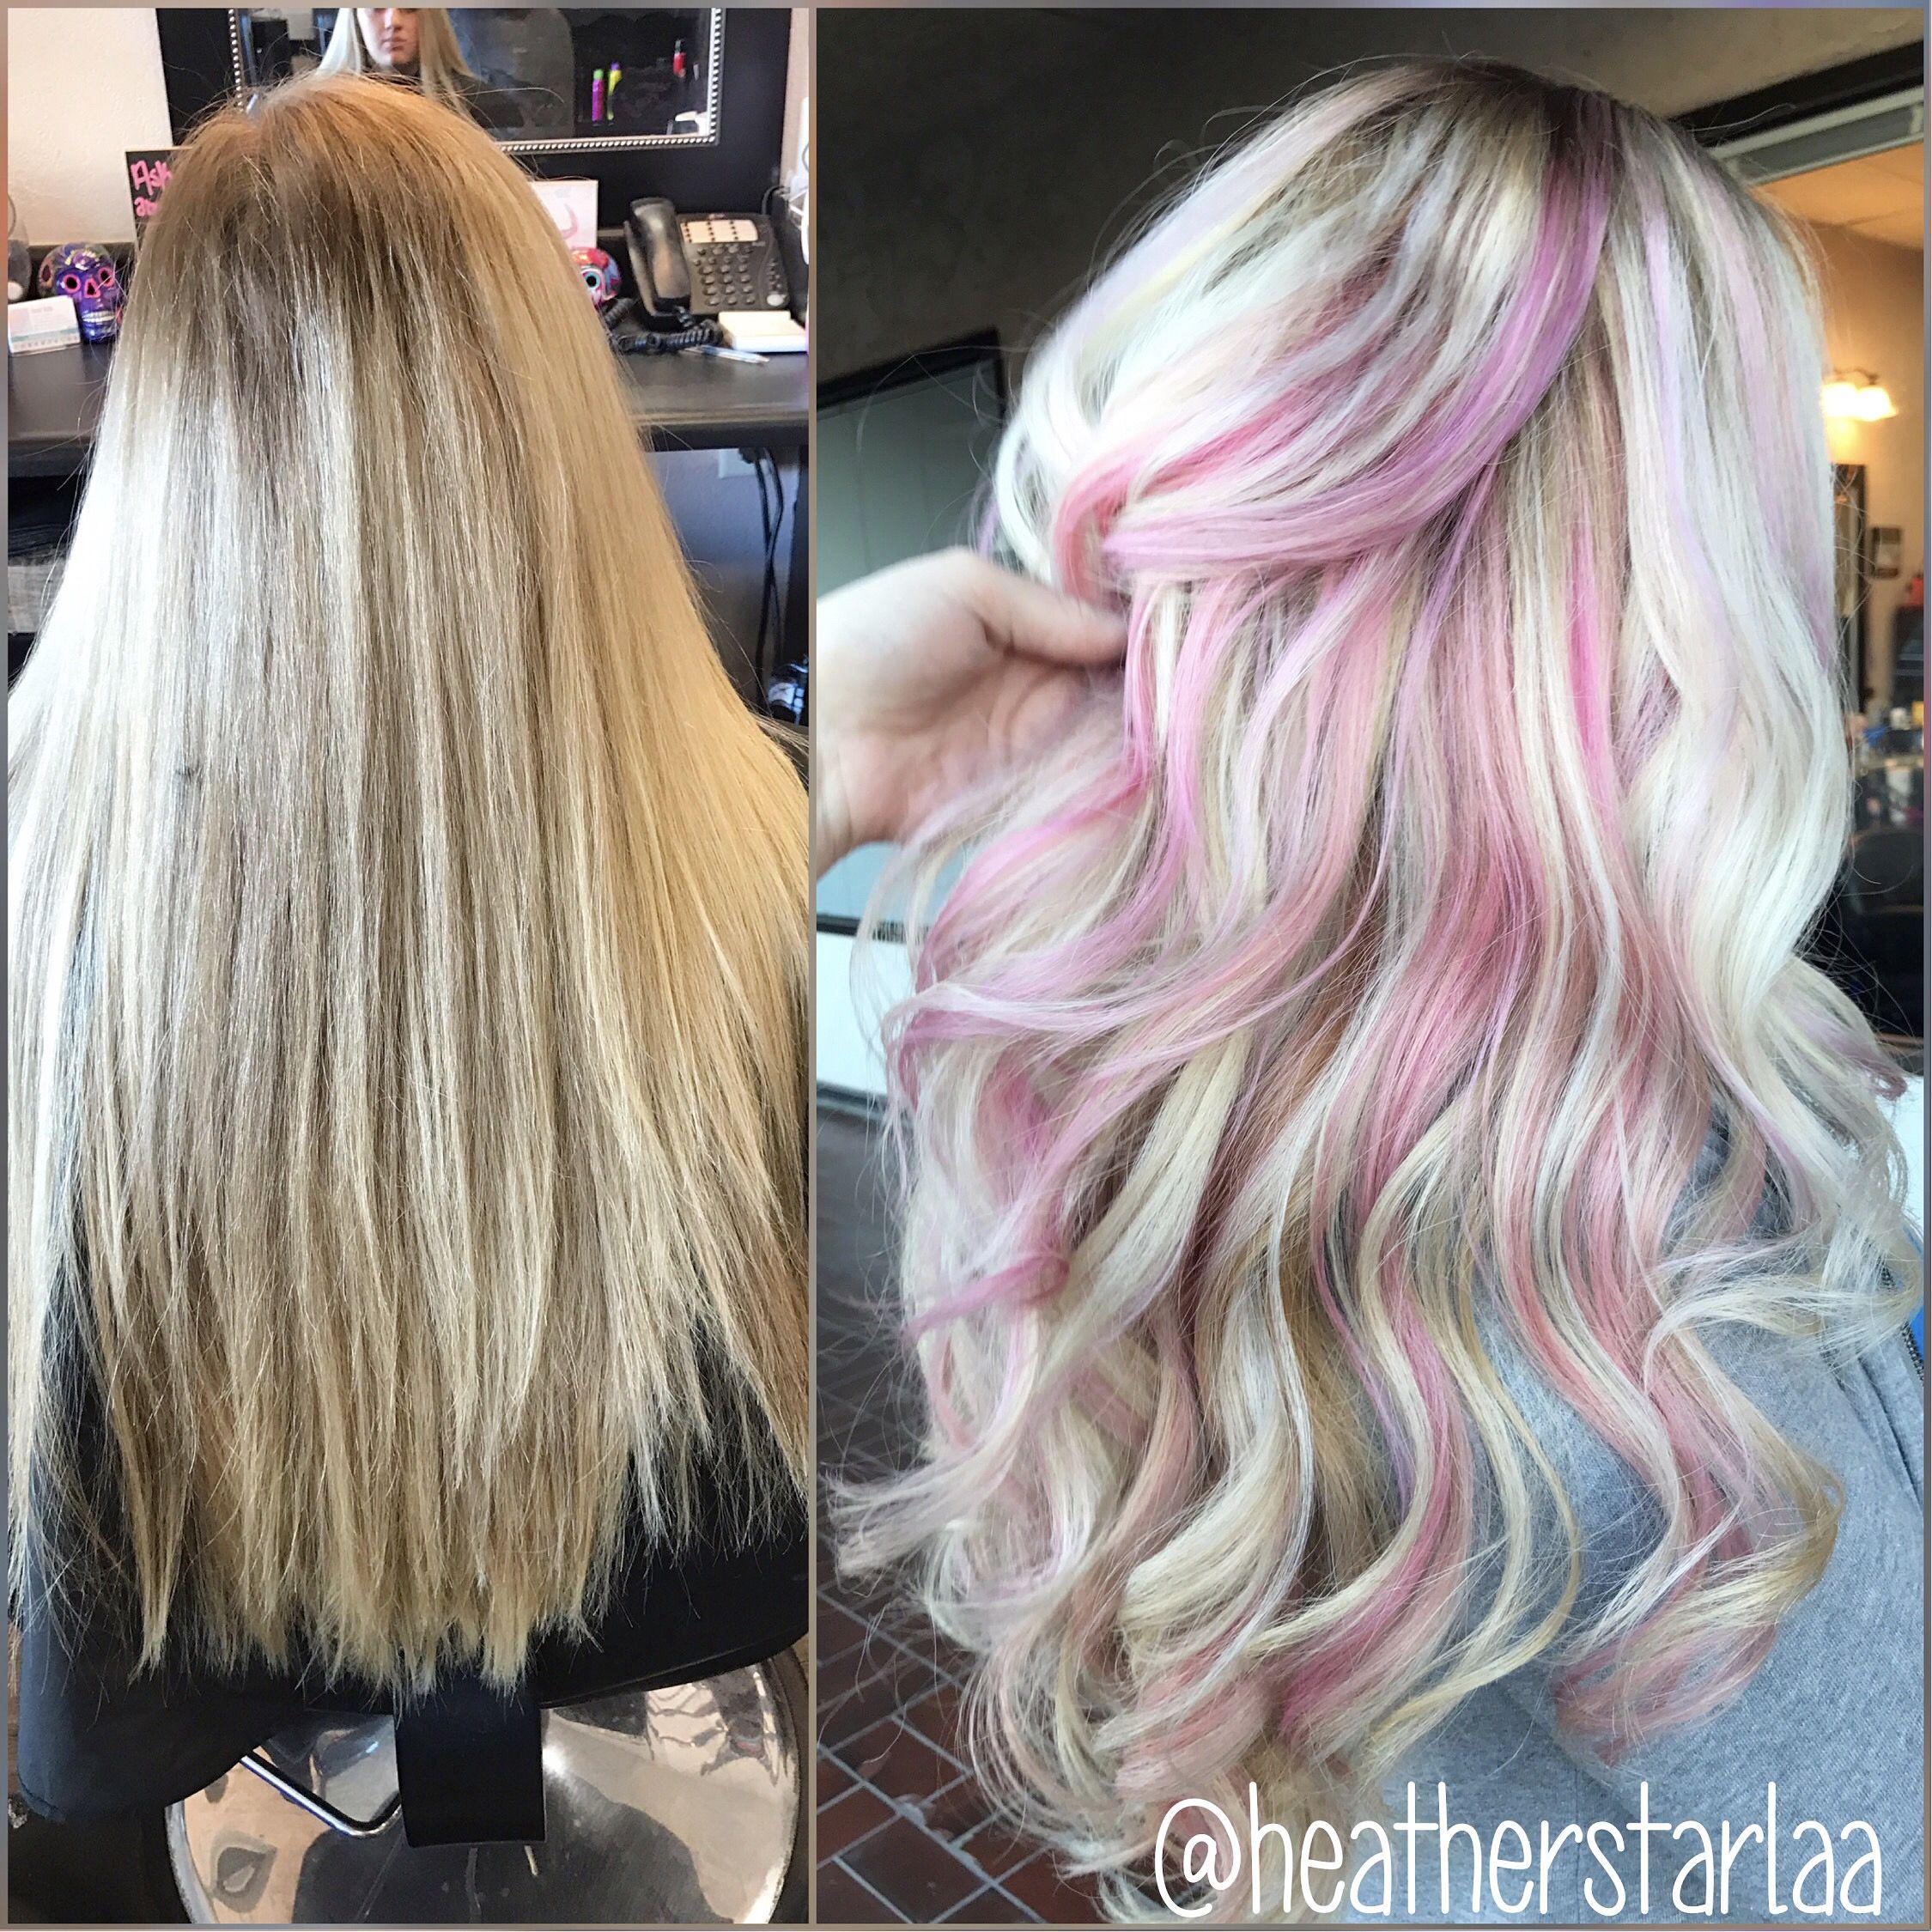 Blonde hair with pink streaks look